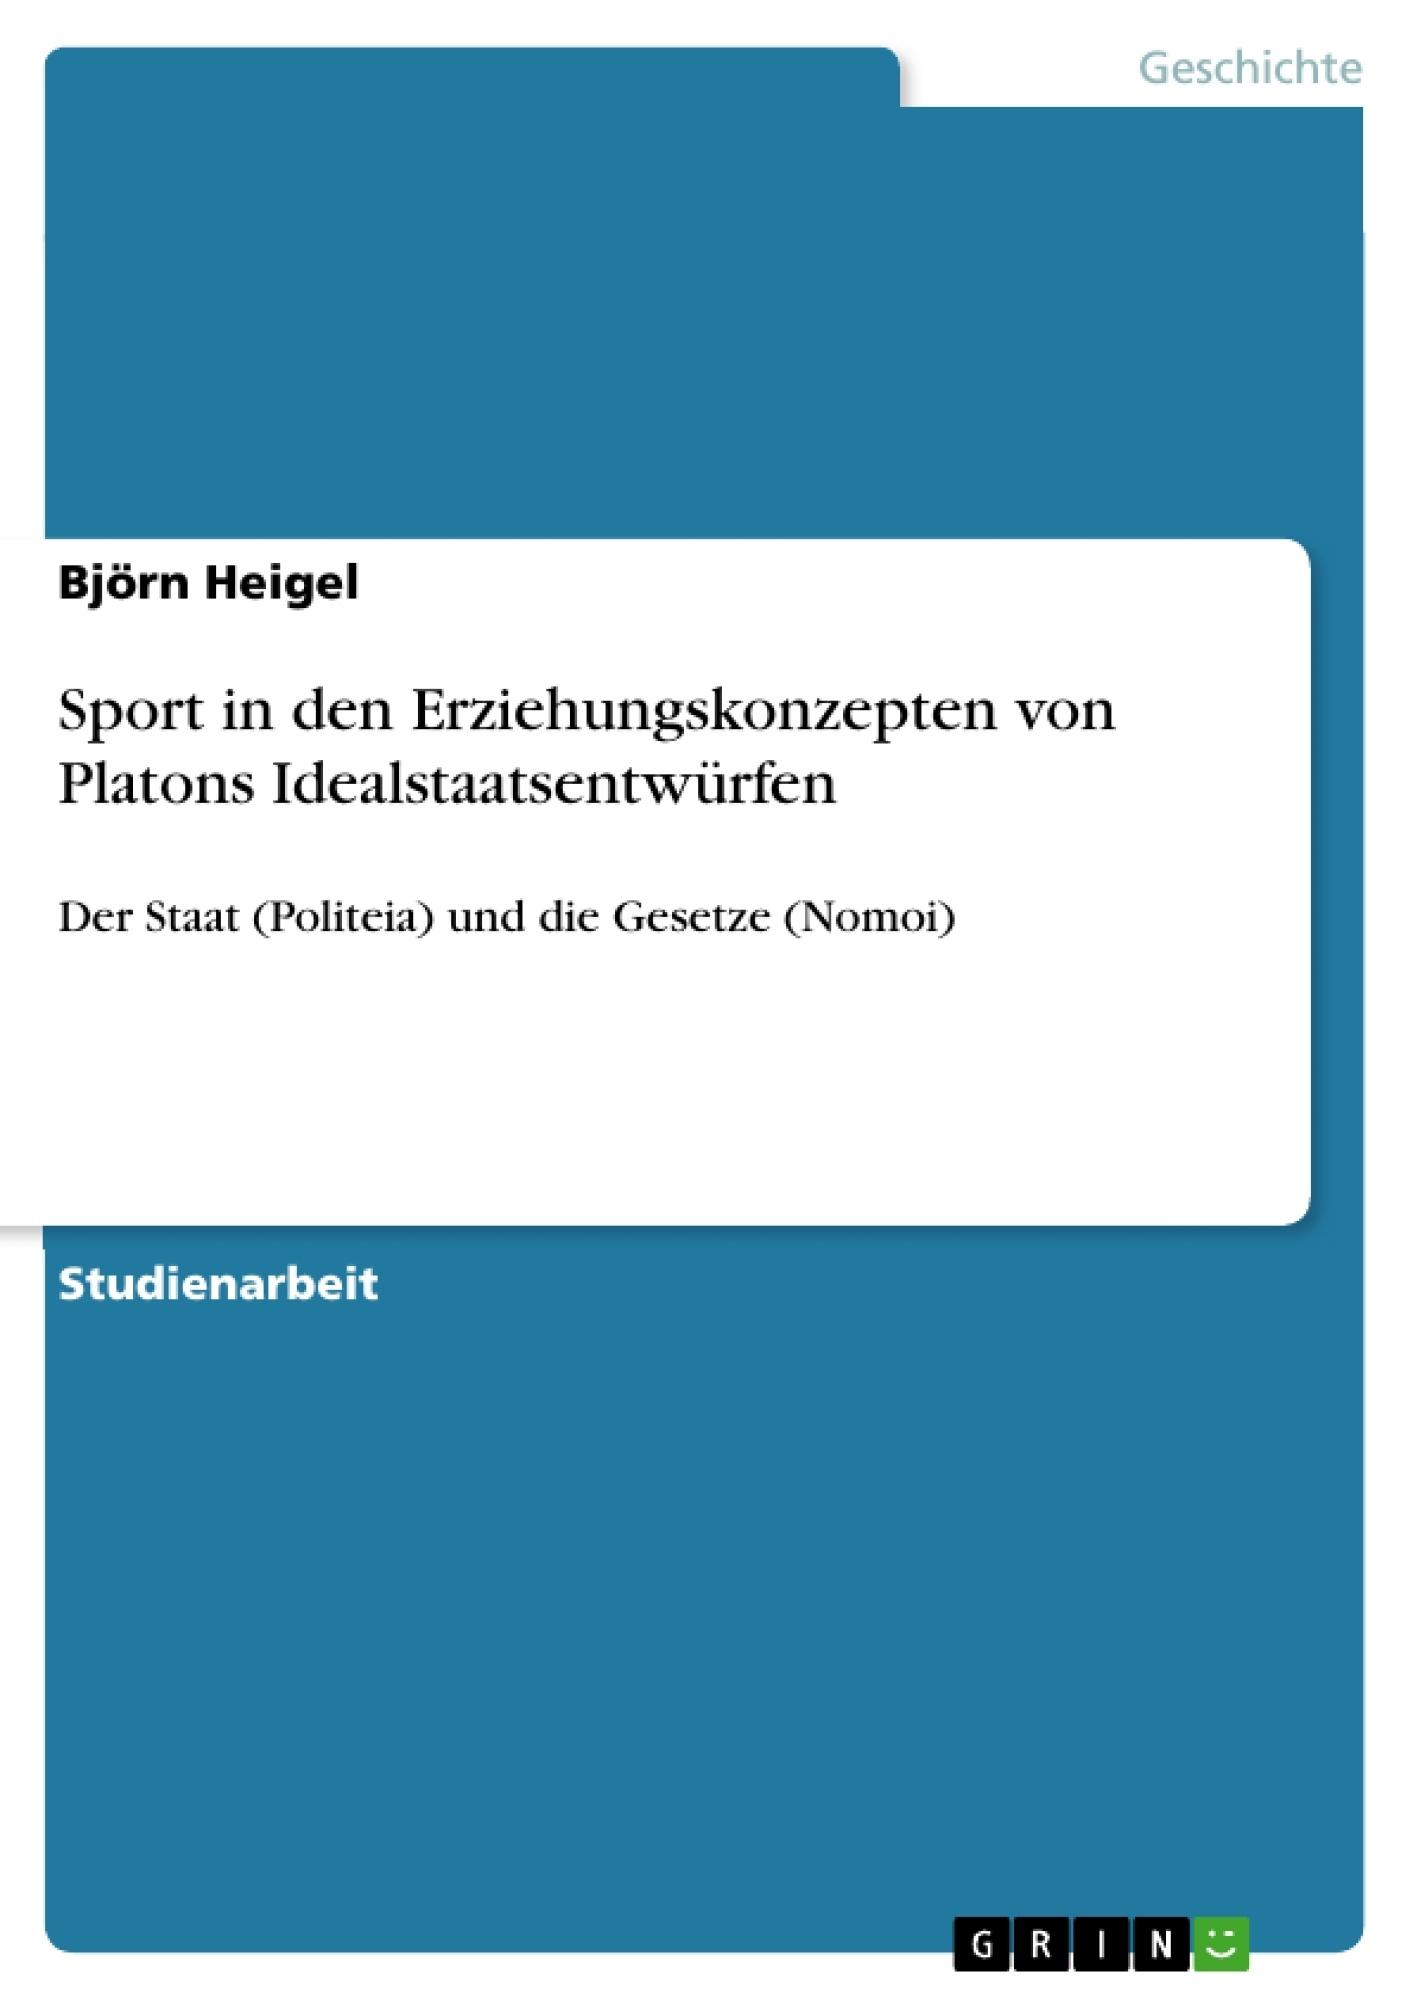 Titel: Sport in den Erziehungskonzepten von Platons Idealstaatsentwürfen